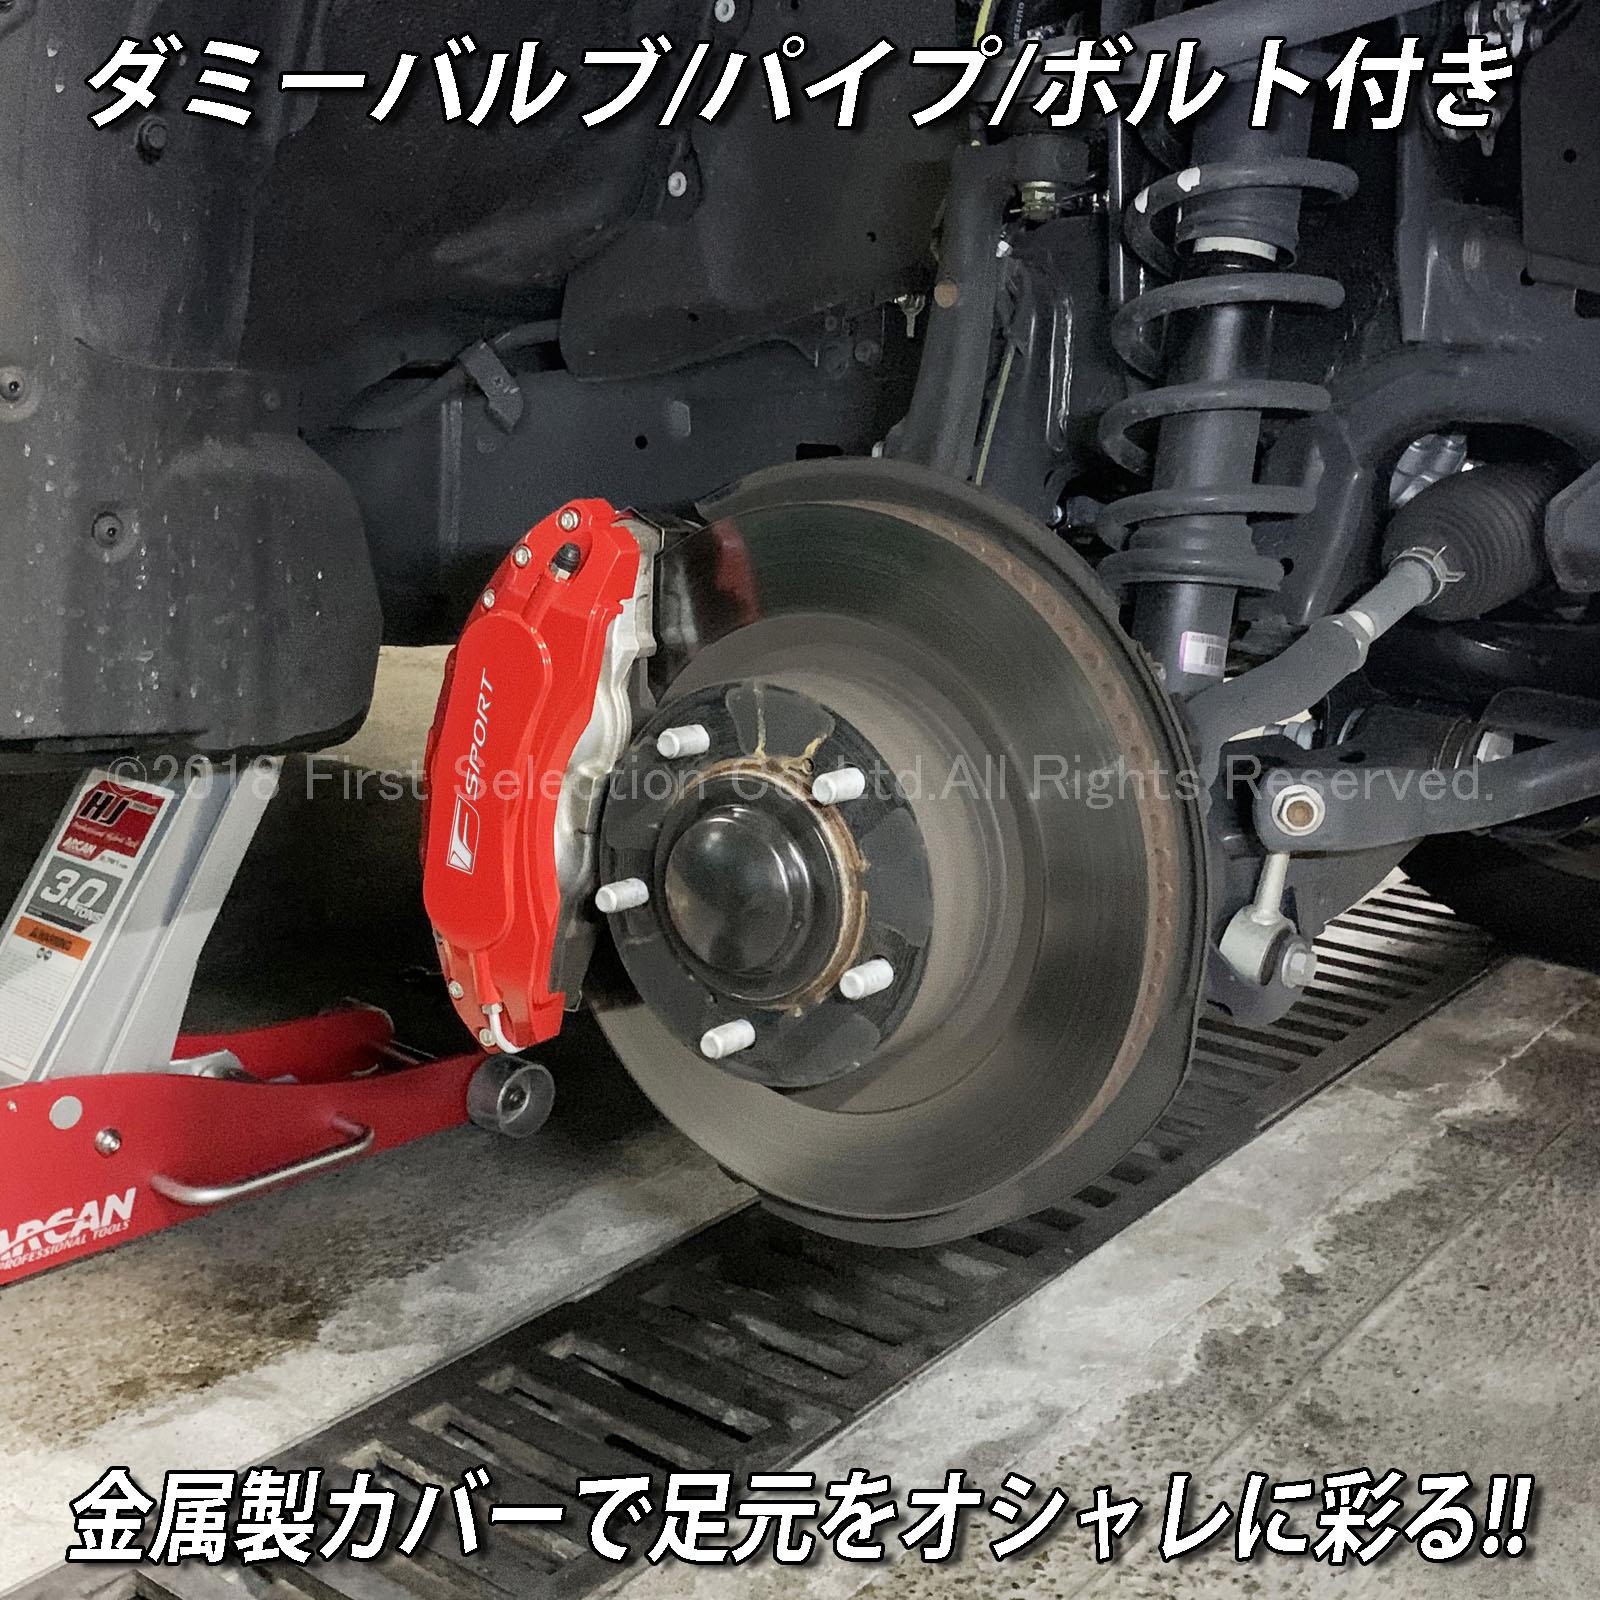 レクサス車 F-SPORTロゴ銀文字 LX570用 高耐久金属製キャリパーカバーセット赤 LEXUS LX200系 LX570 URJ201W Fスポーツ